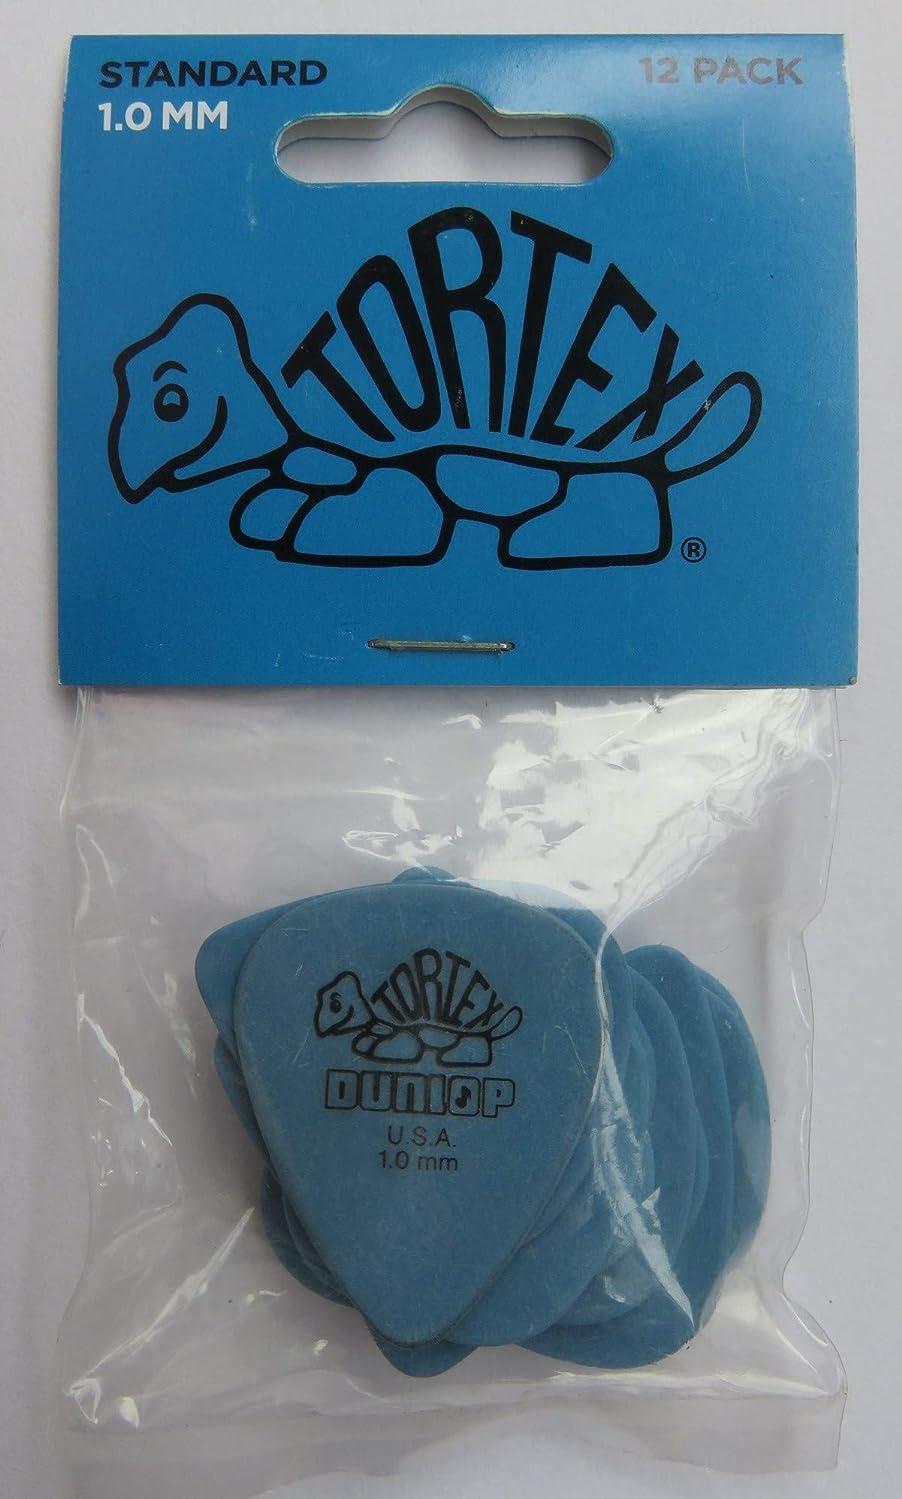 移行するビスケット炭水化物Dunlop(ダンロップ) Tortex トーテックス Standard スタンダード 1.0mm 12枚 [並行輸入品]